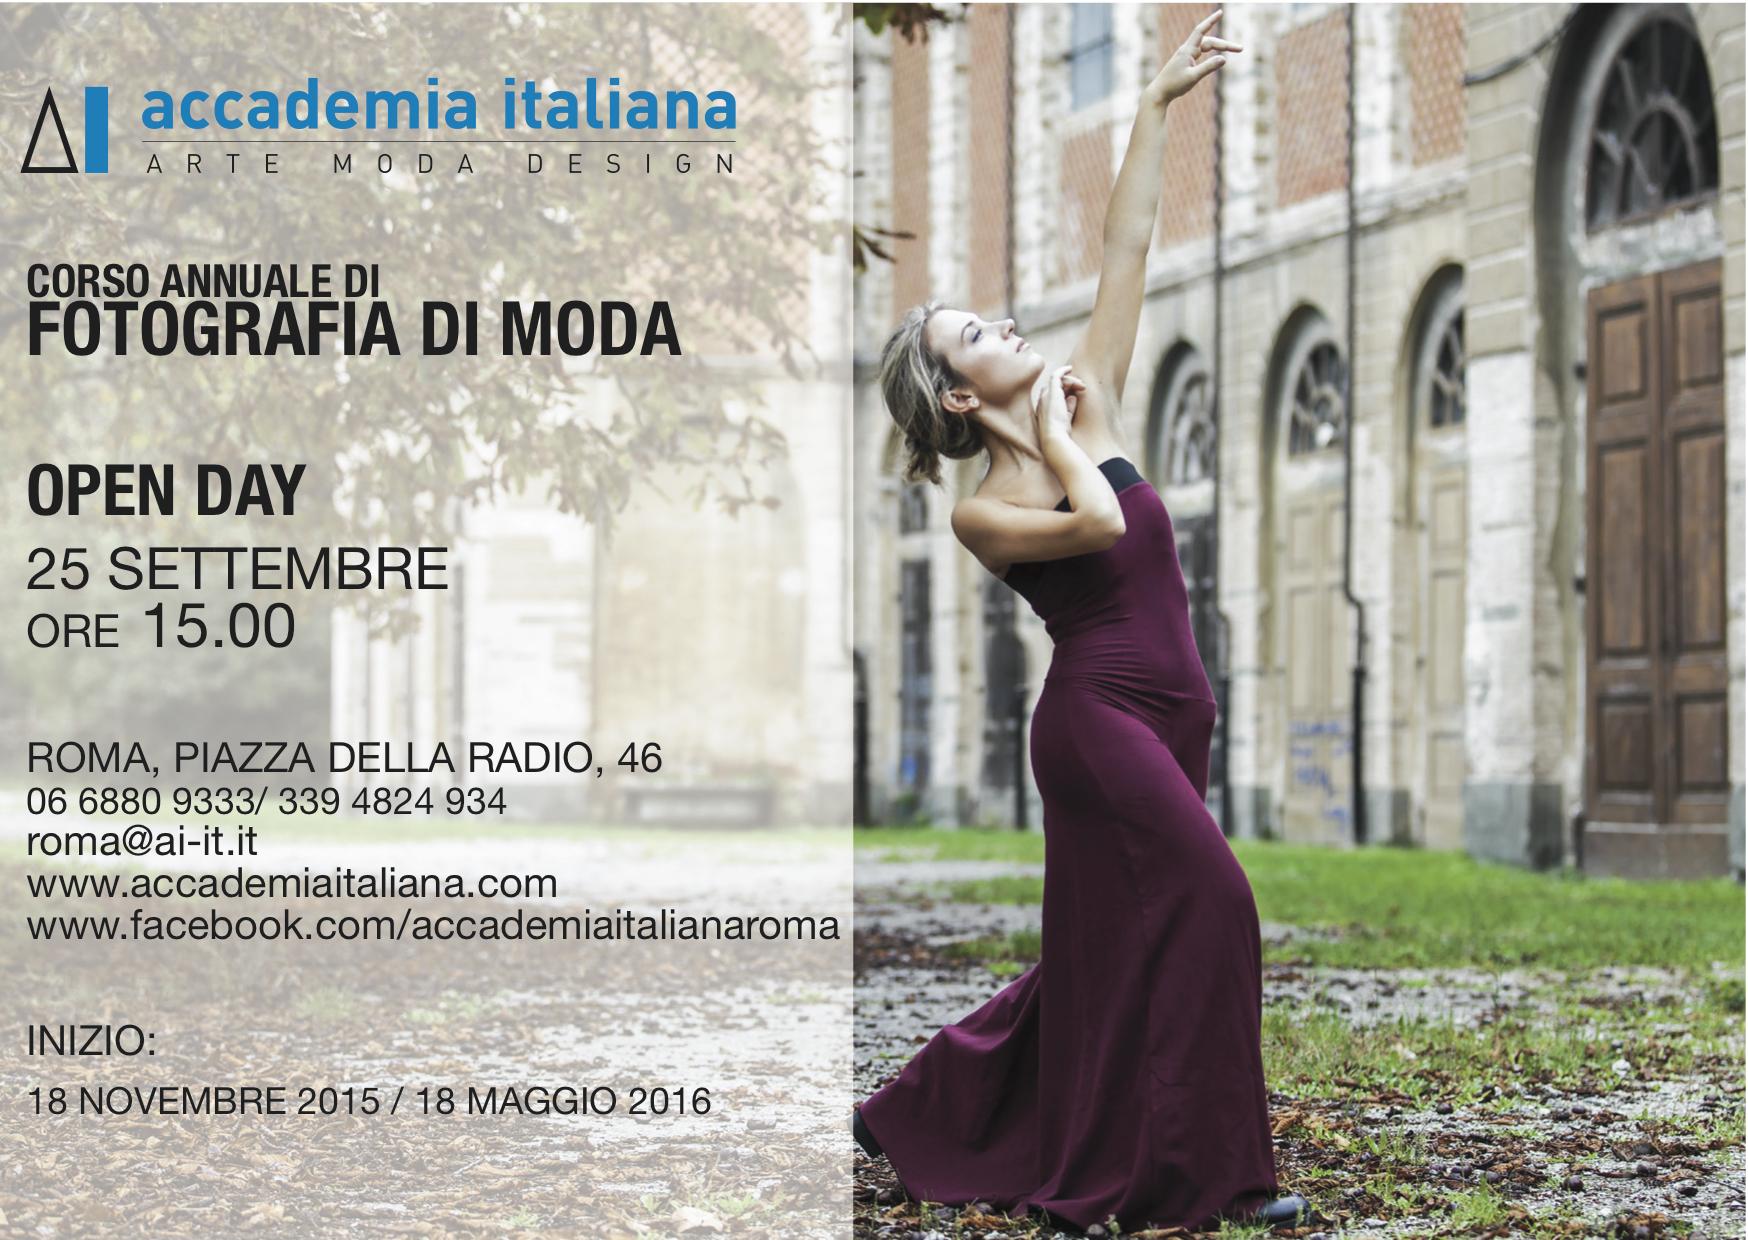 Open day corso annuale fotografia di moda 25 settembre for Accademie di moda milano